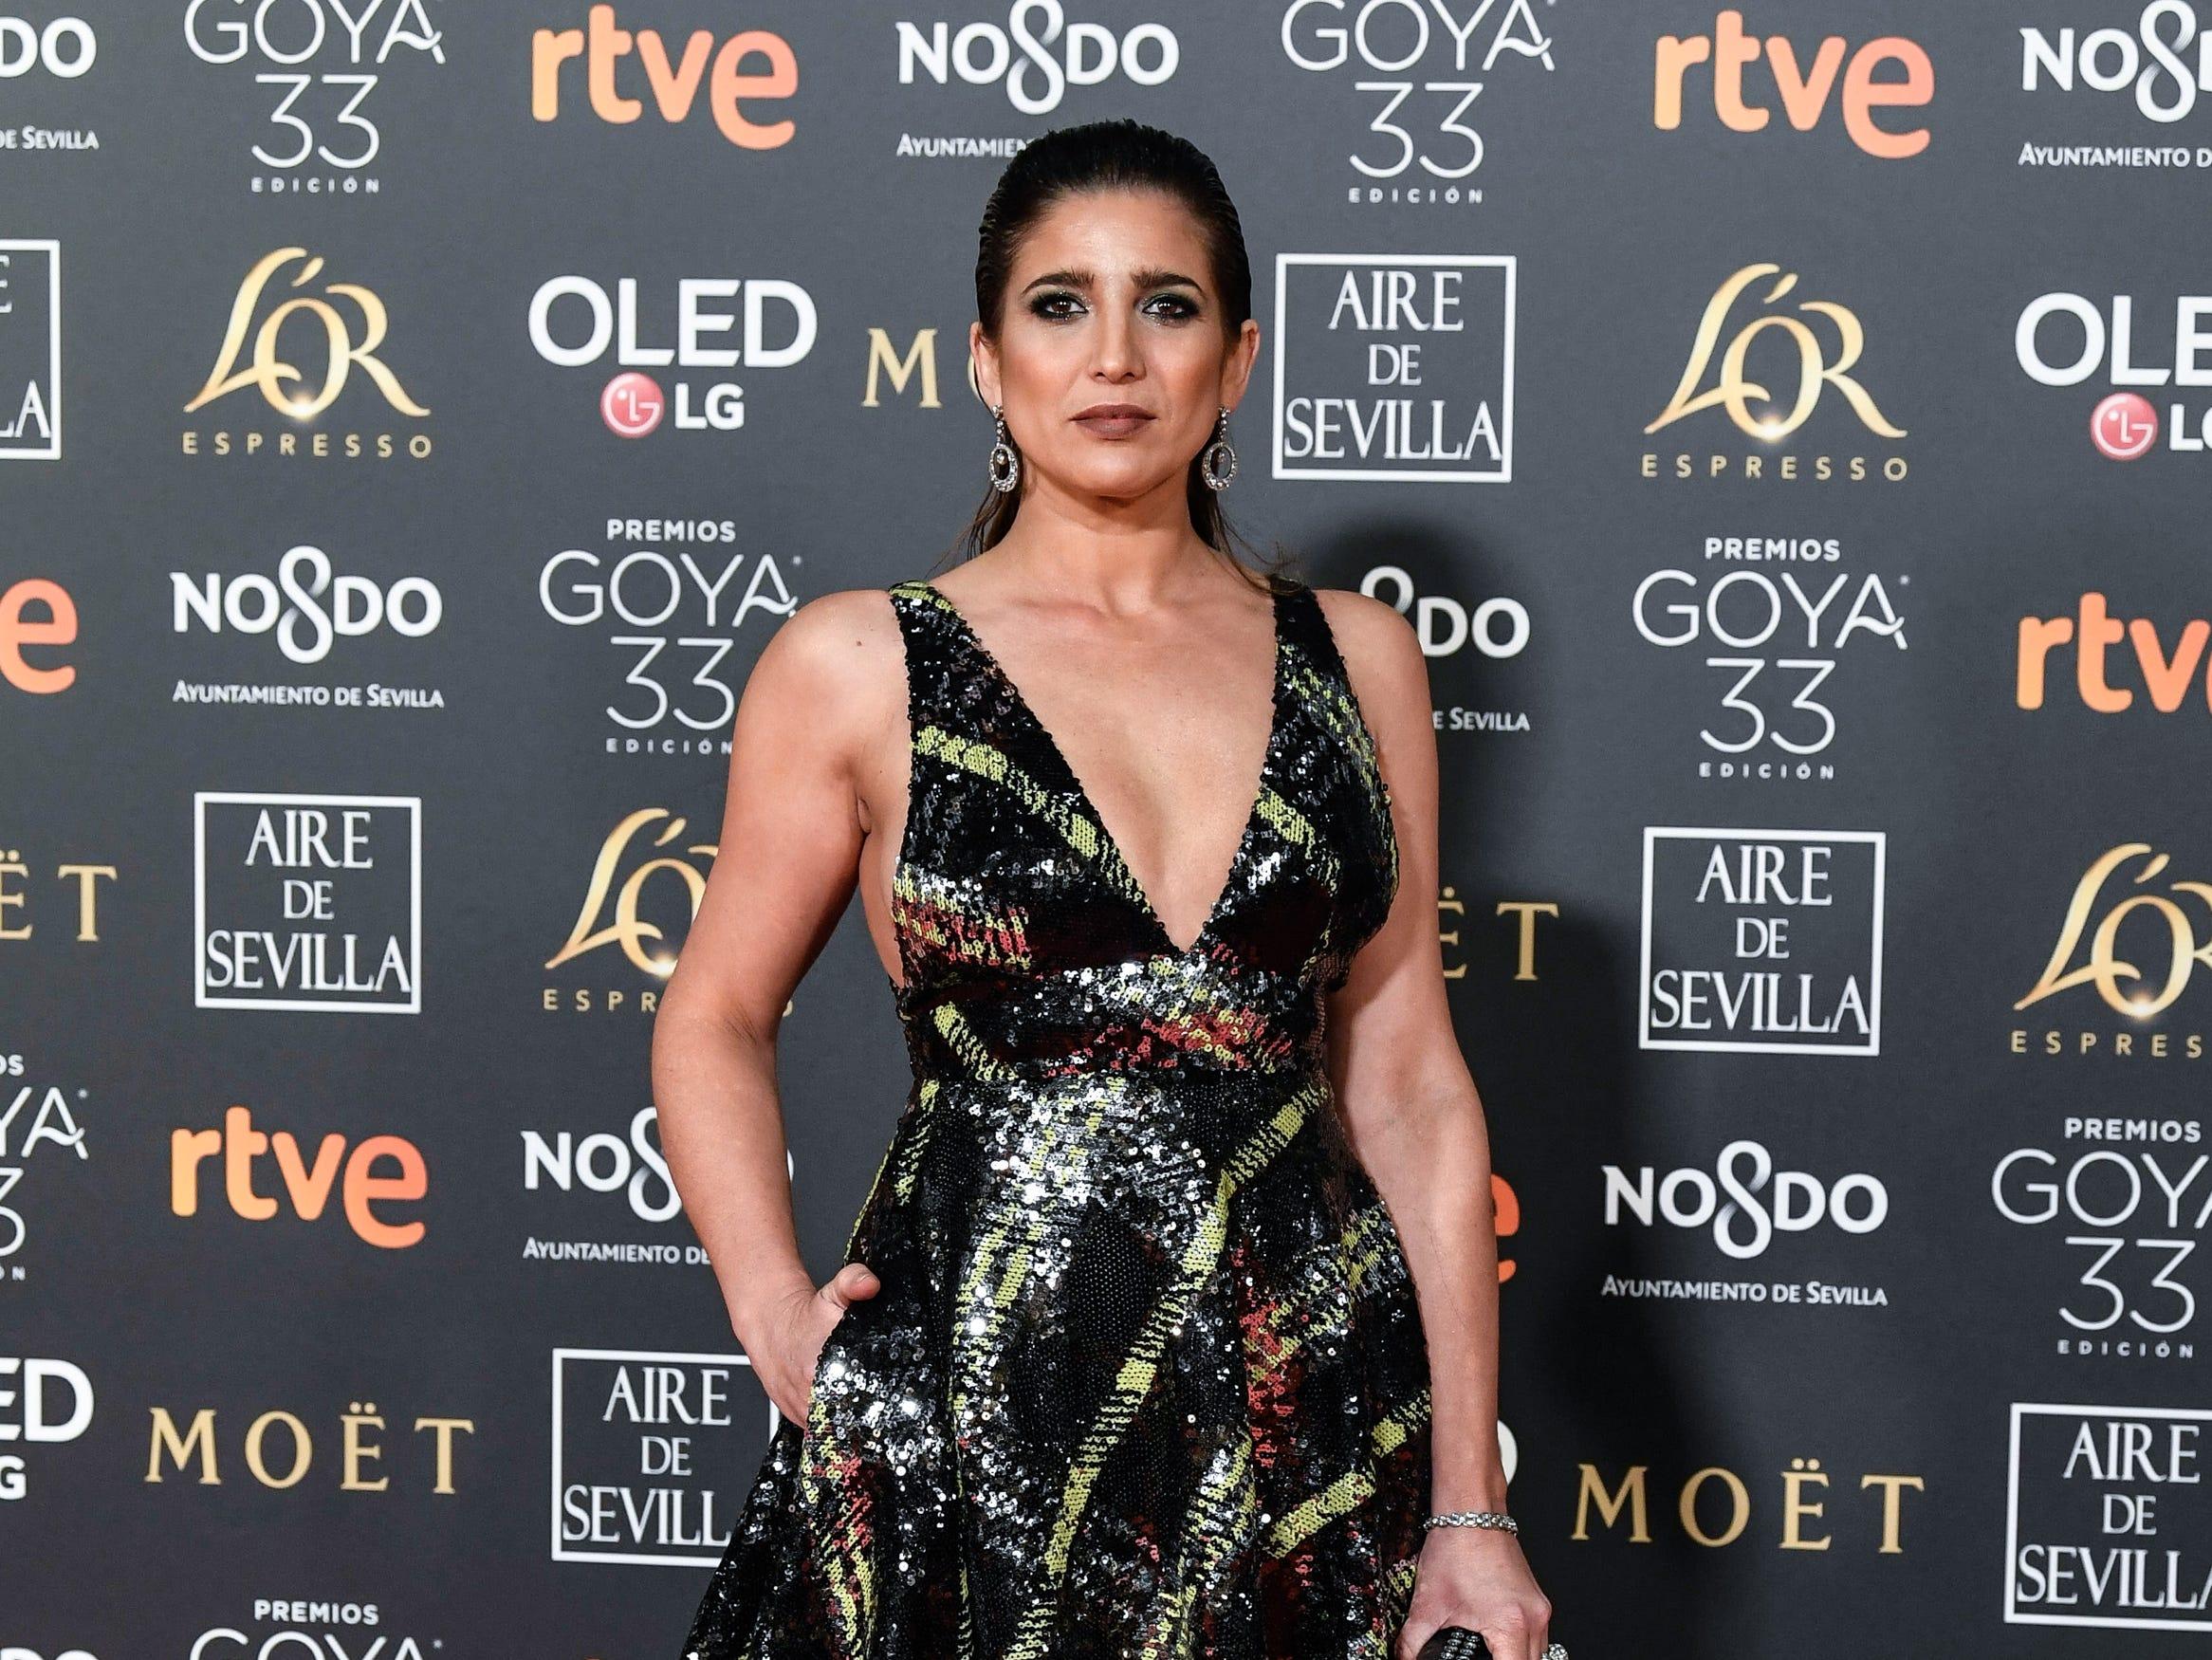 Lucía Jiménez asiste a la 33ª edición de los Premios de Cine Goya en el Palacio de Congresos y Exposiciones FIBES el 2 de febrero de 2019 en Sevilla, España.